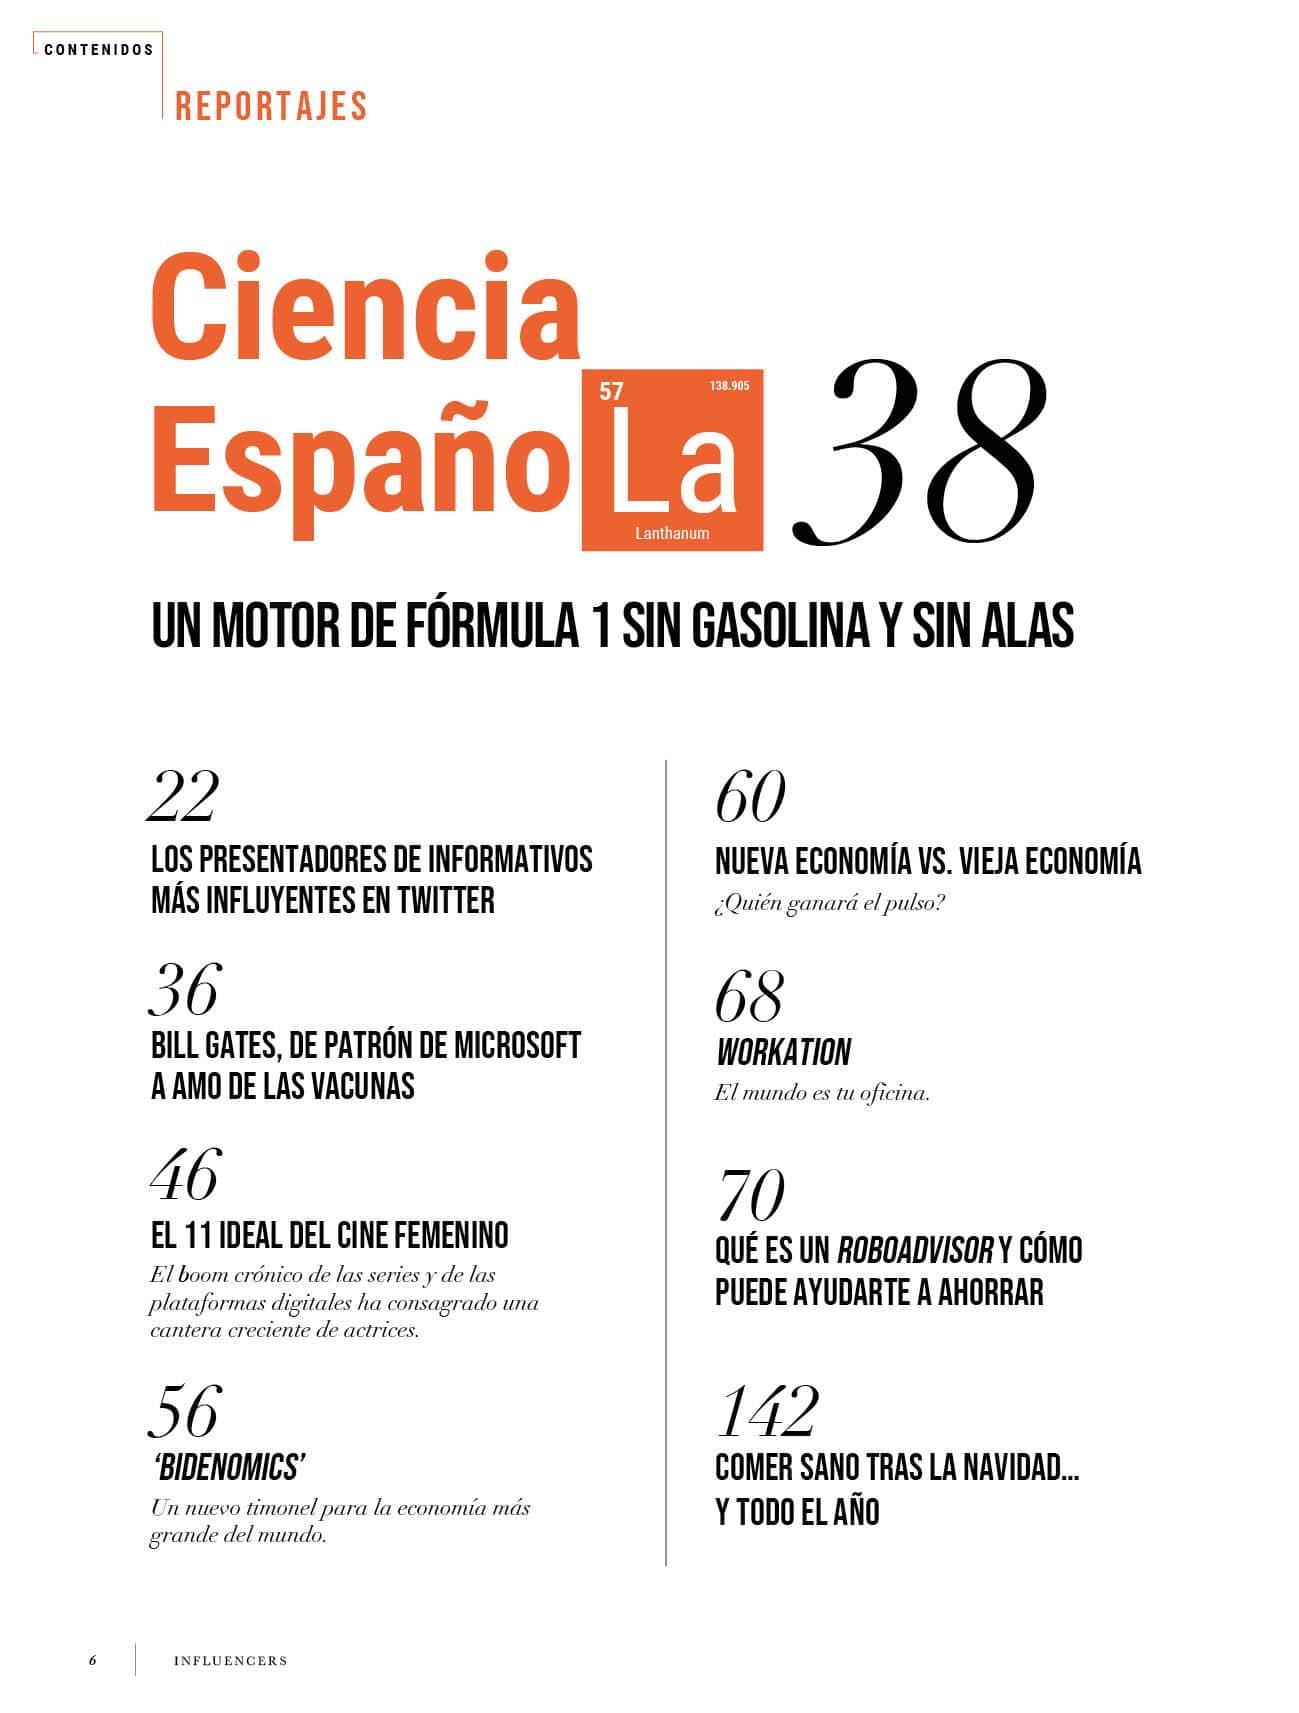 Ciencia Española | Revista influencers